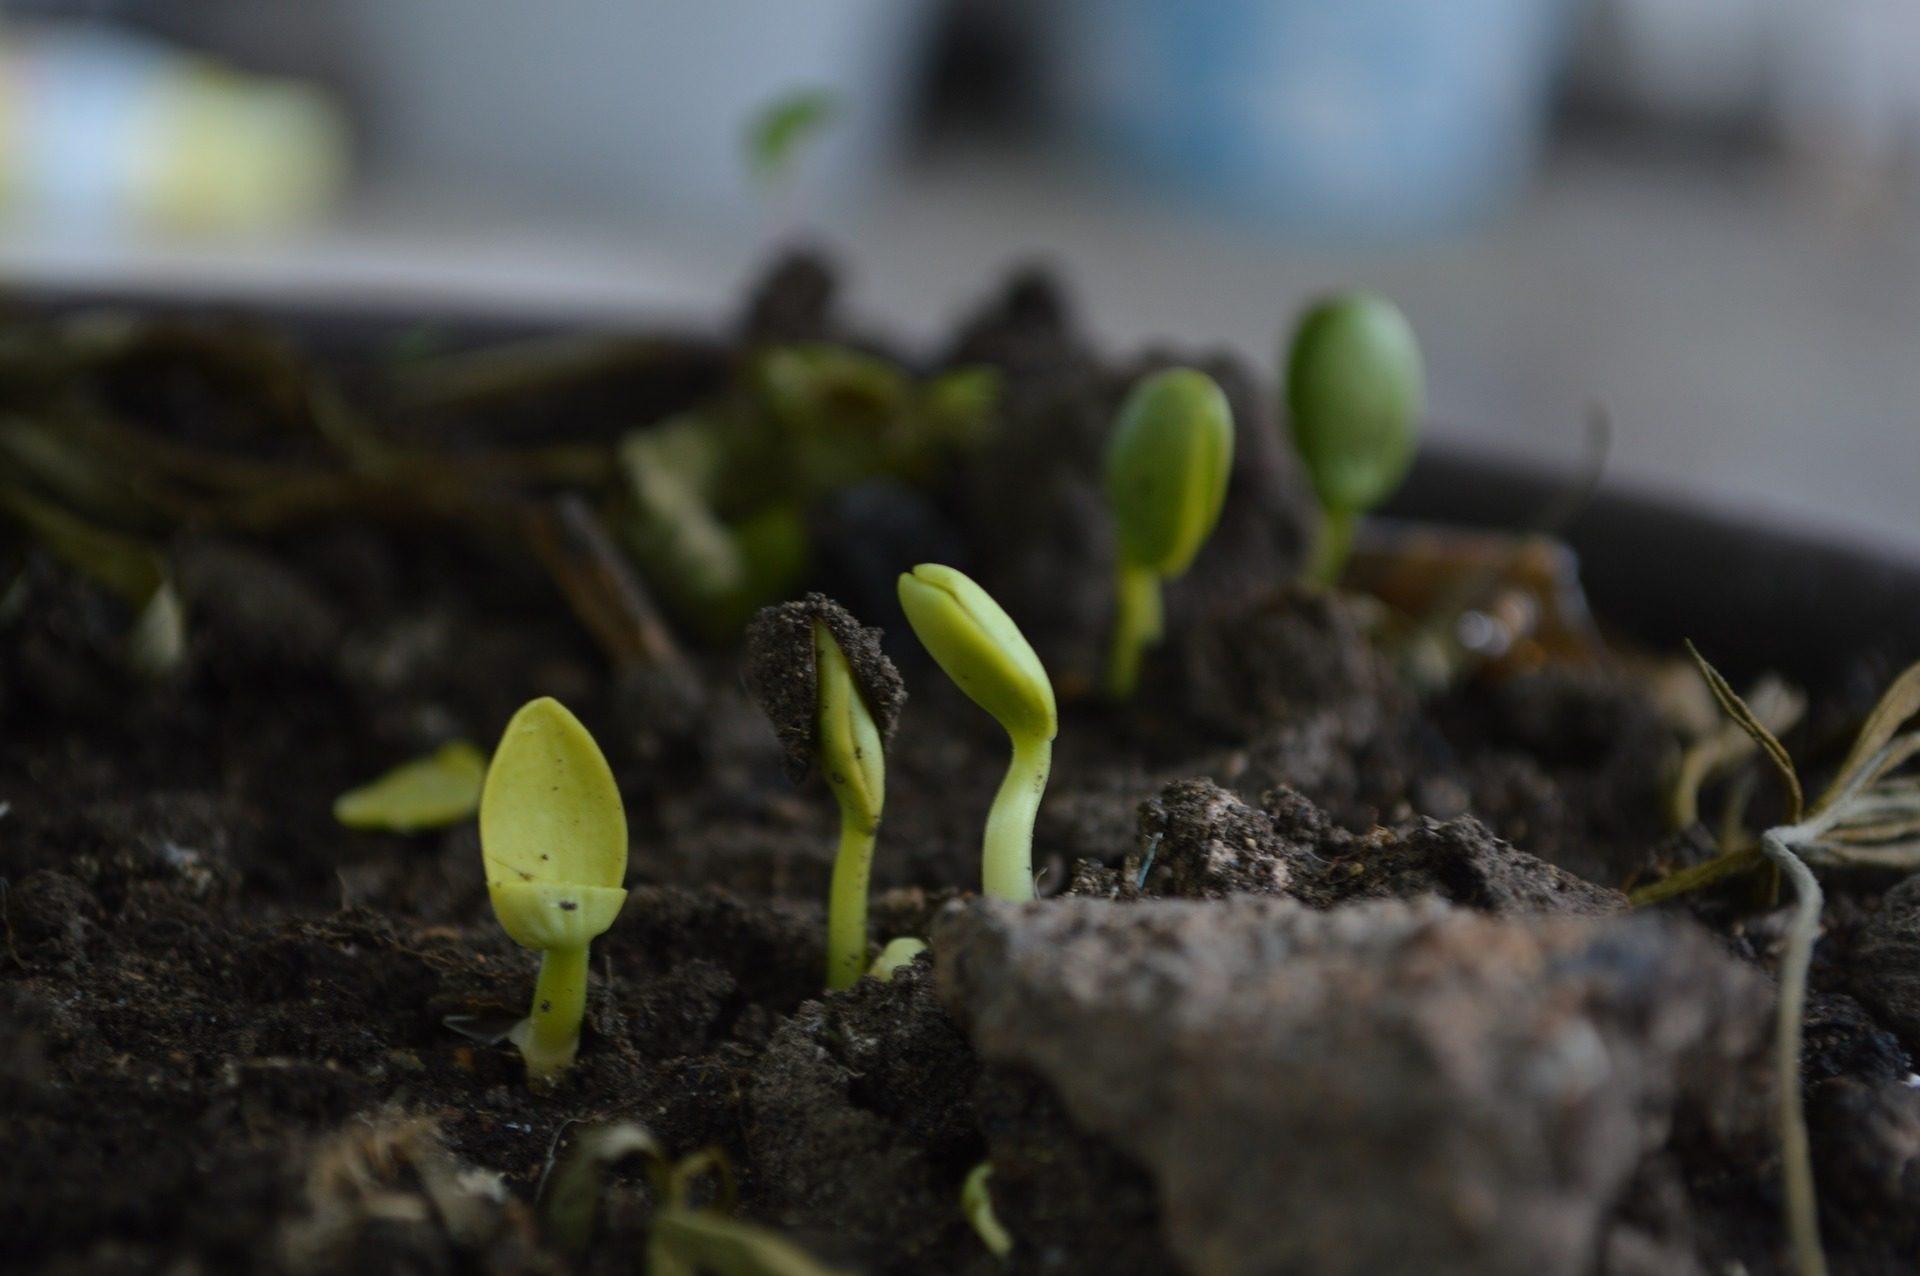 النباتات, تفشي, الحياة, الأرض, الأسمدة - خلفيات عالية الدقة - أستاذ falken.com